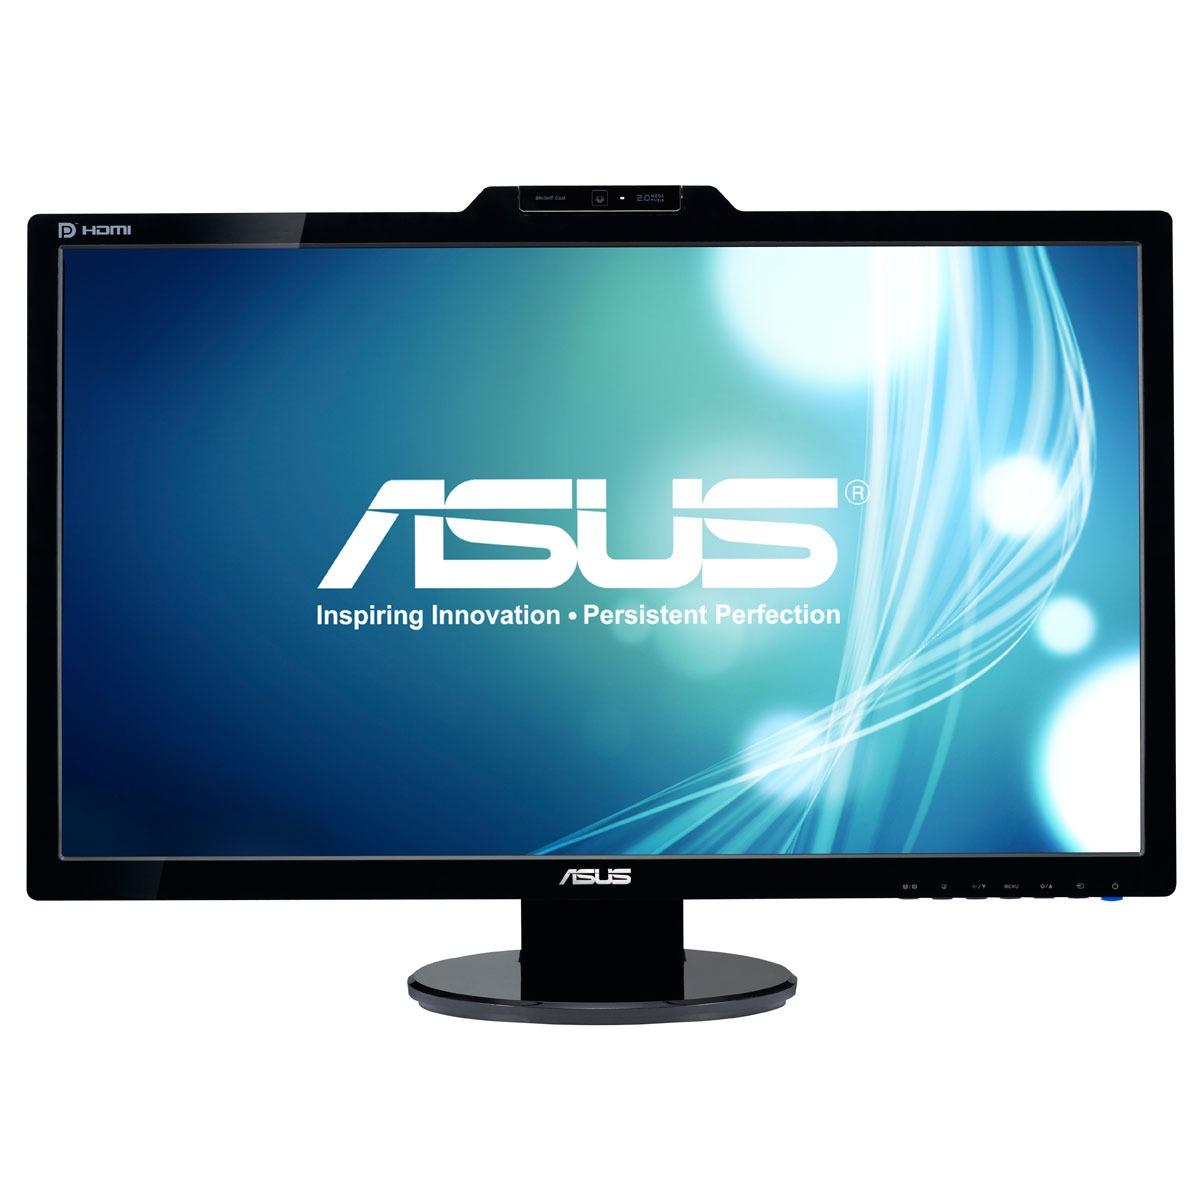 """Ecran PC ASUS 27"""" LED - VK278Q 1920 x 1080 pixels - 2 ms (gris à gris) - Format large 16/9 - Webcam rotative 2 mégapixels - DisplayPort / HDMI (garantie constructeur 3 ans)"""